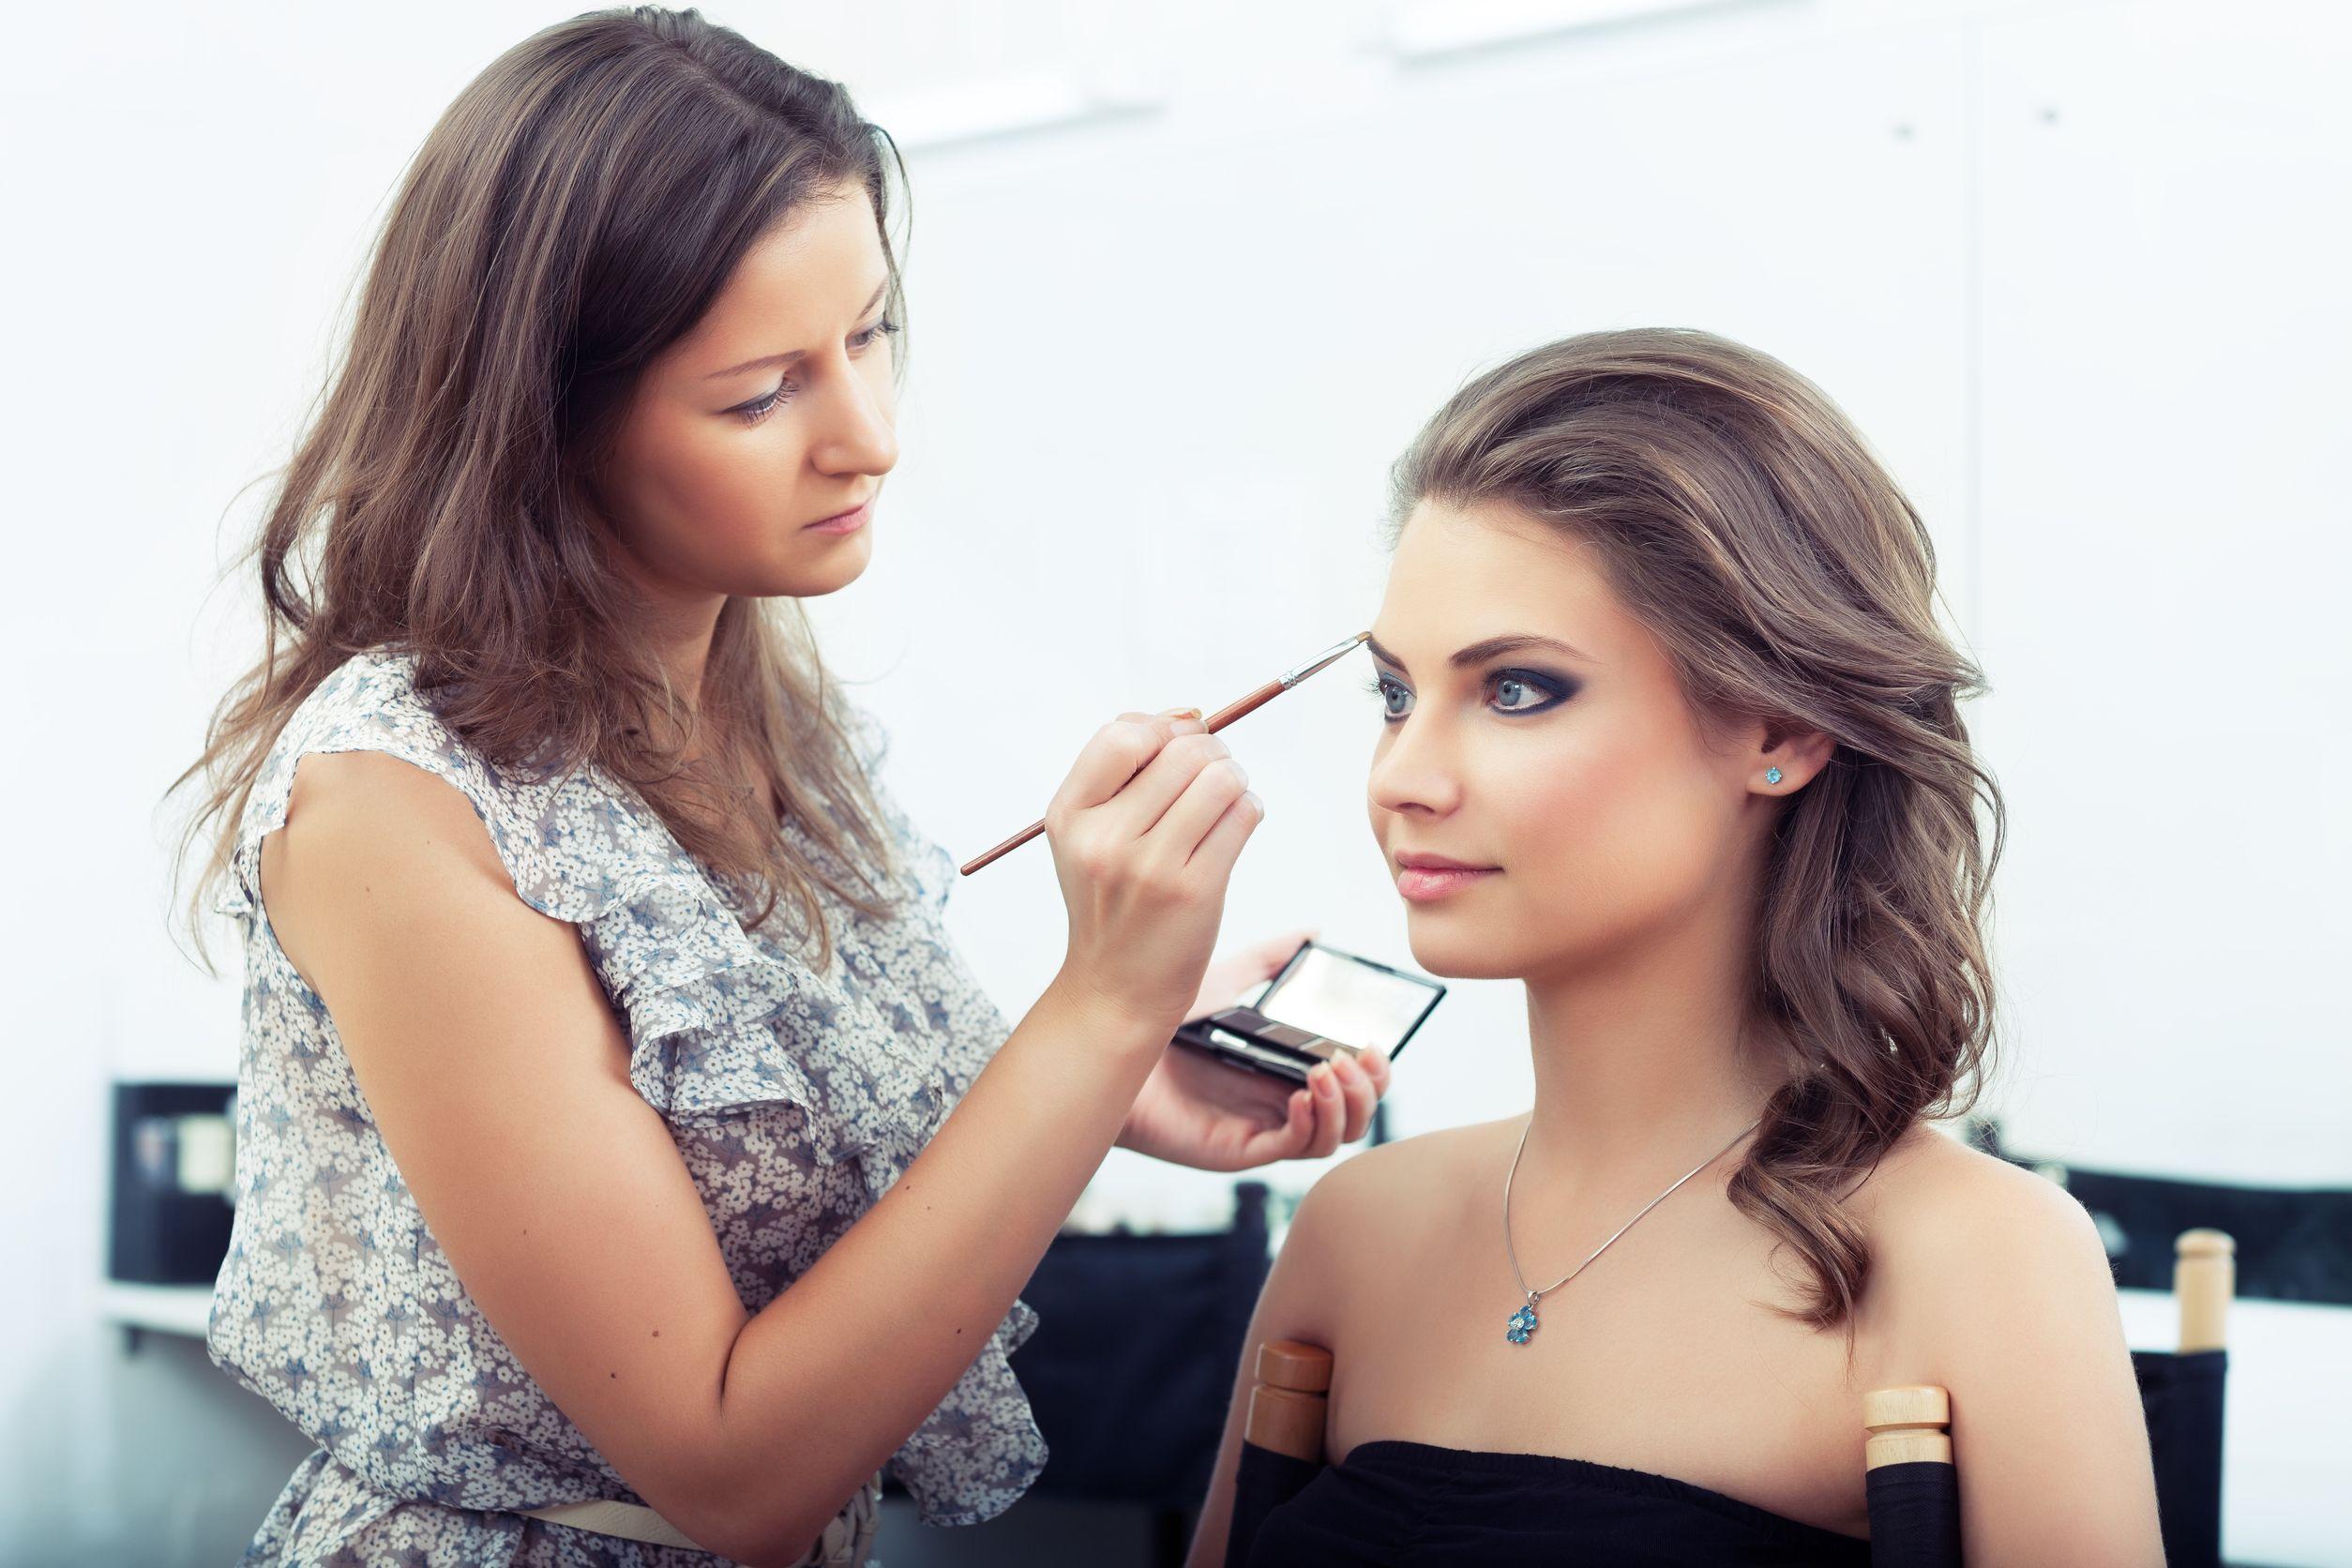 Maquiadora passando delineador em uma mulher de olhos fechados. Elas estão em um salão de beleza.